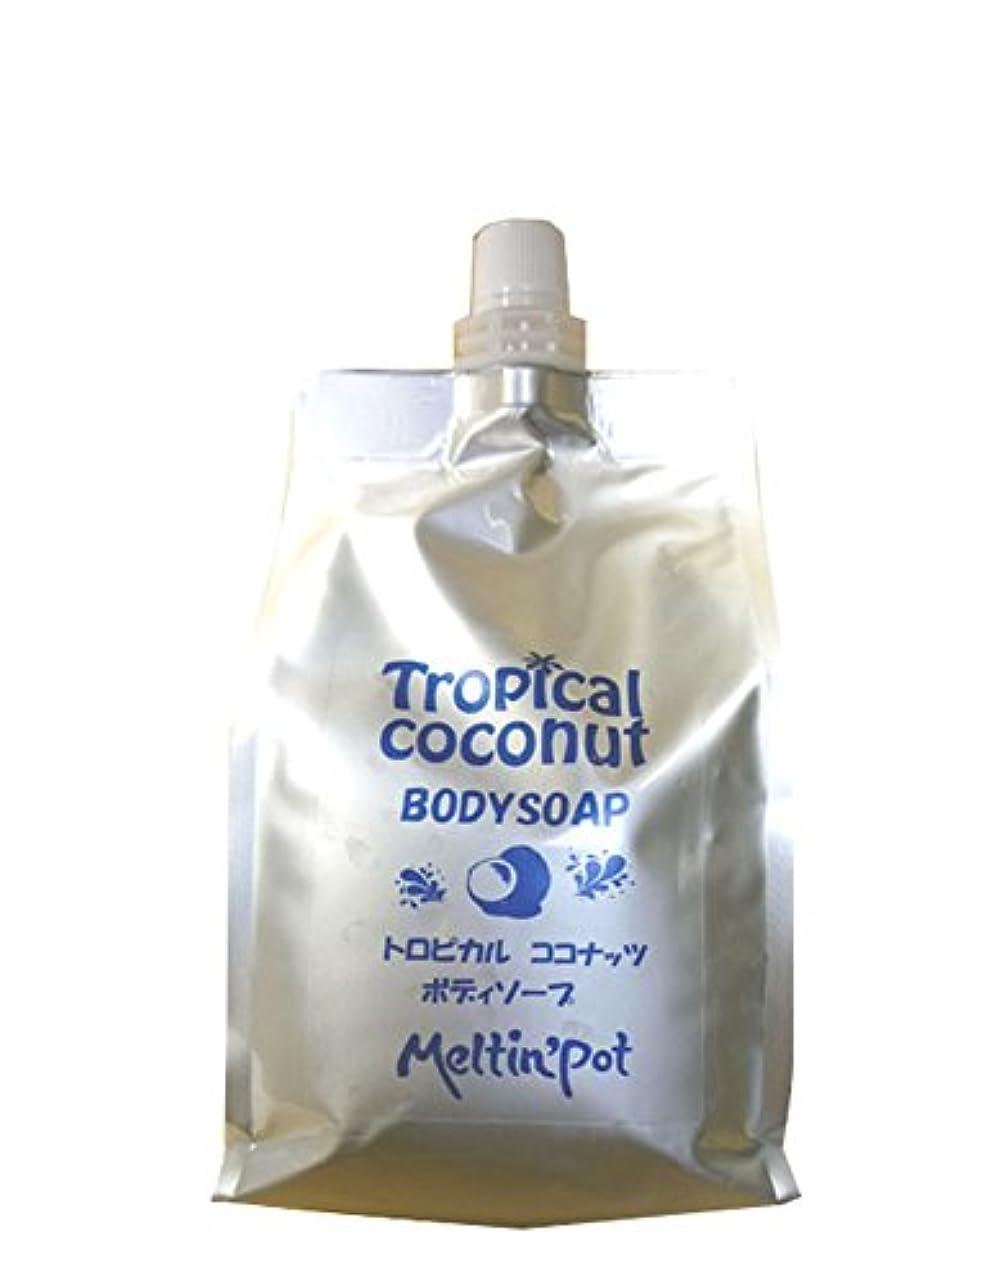 野望八百屋操作可能トロピカルココナッツ ボディソープ 1000ml 詰め替え Tropical coconut Body Soap 加齢臭に! [MeltinPot]